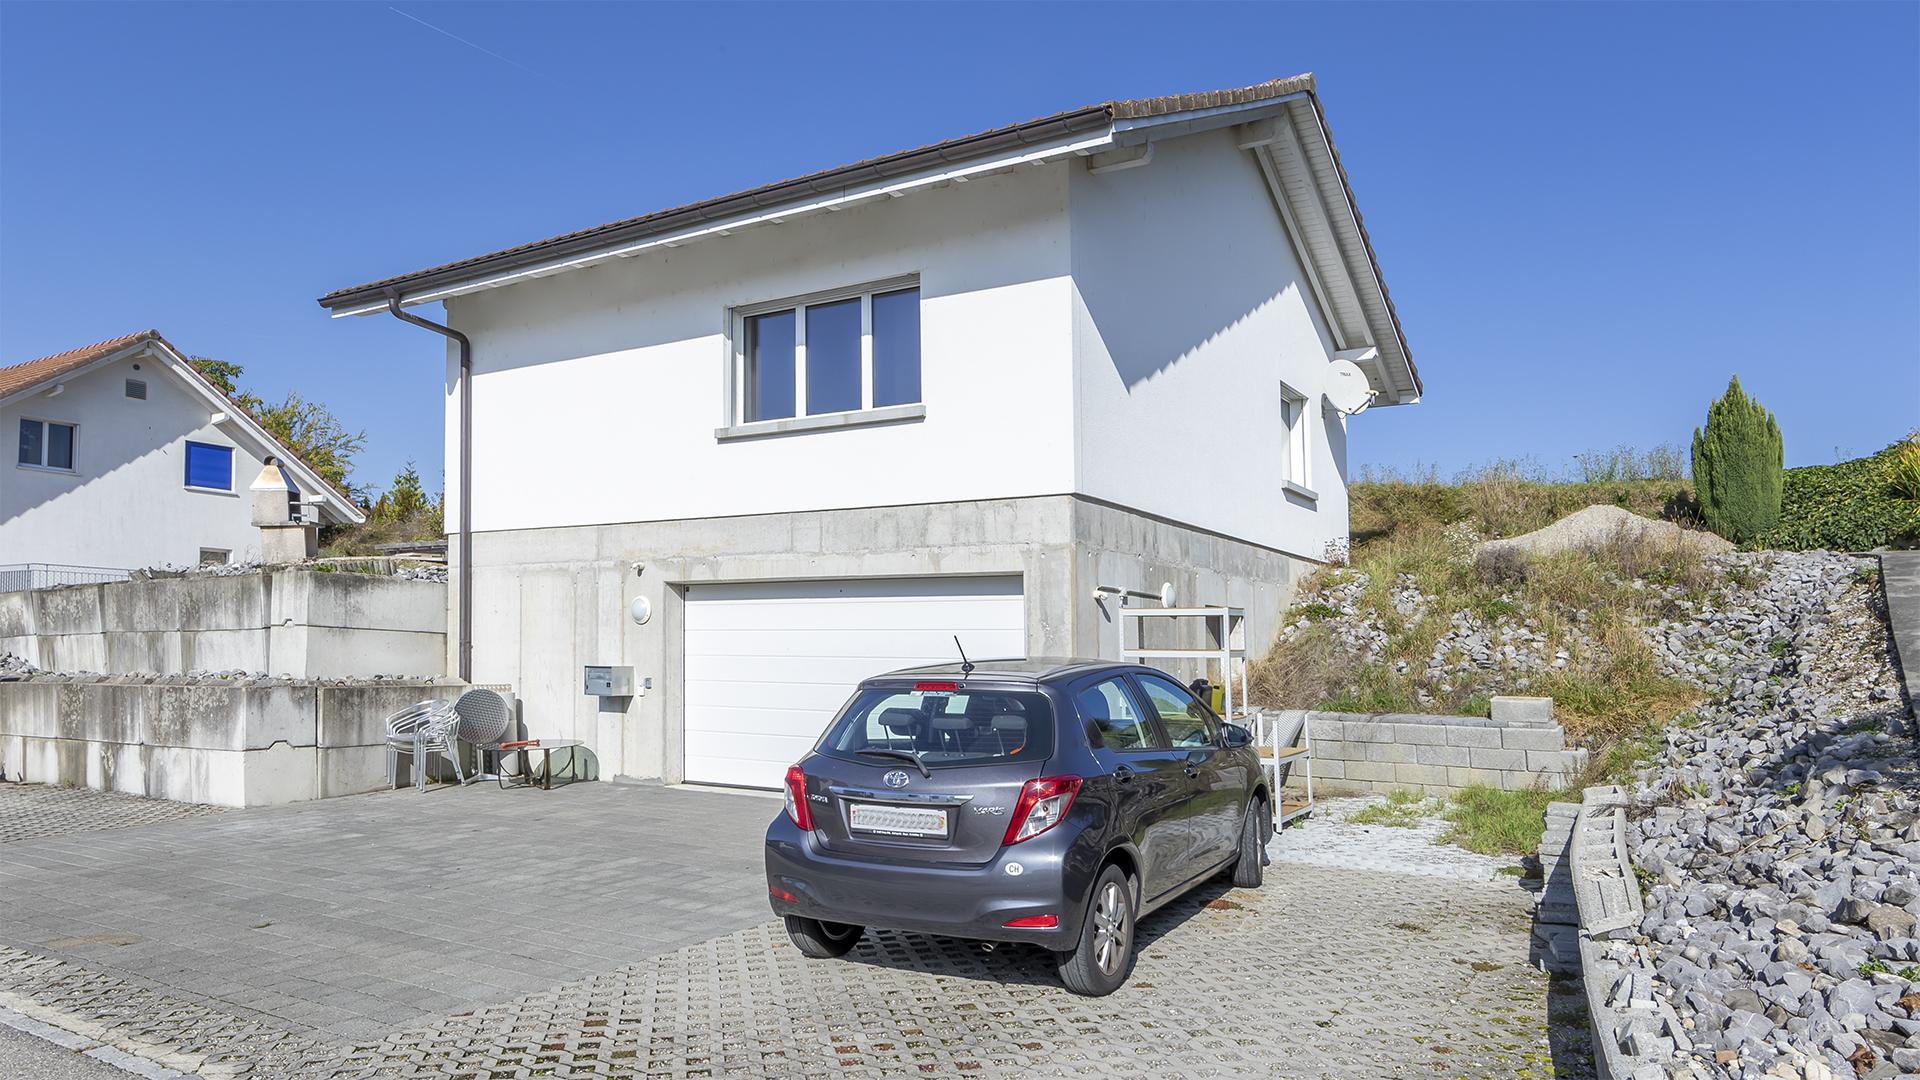 ...verkaufen wir ein attraktives, freistehendes Einfamilienhaus.